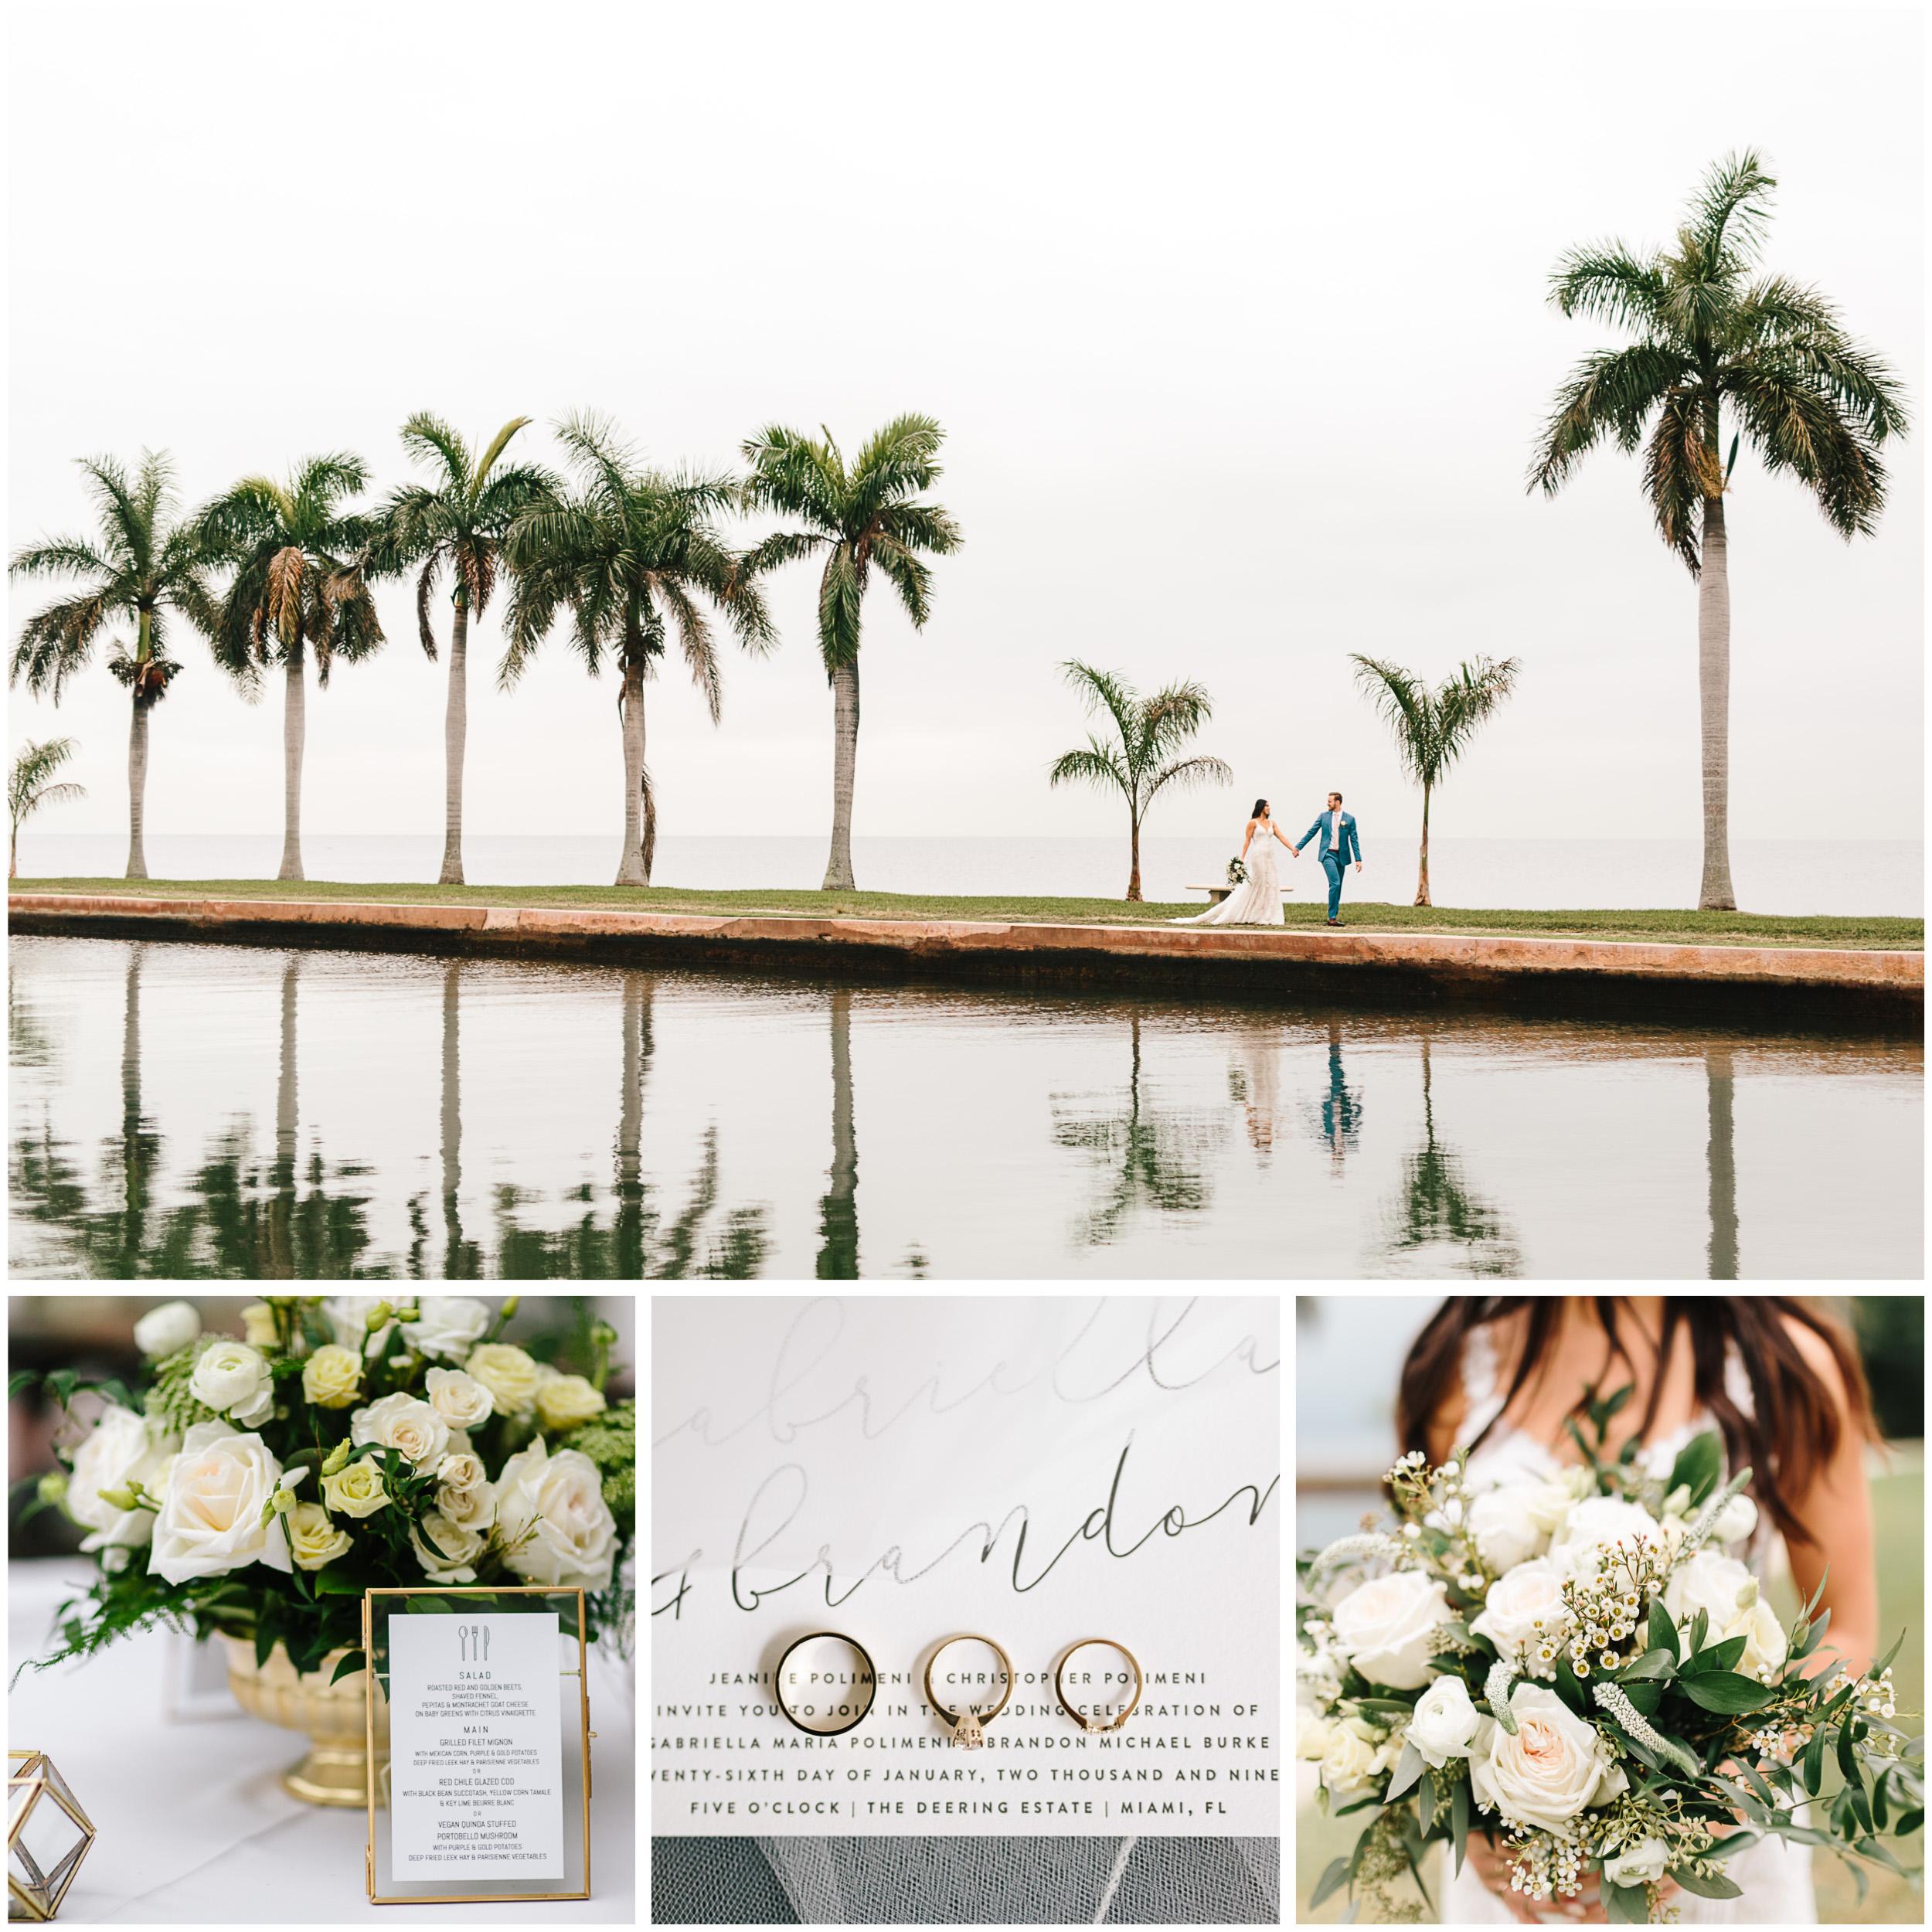 the_deering_estate_wedding_header.jpg